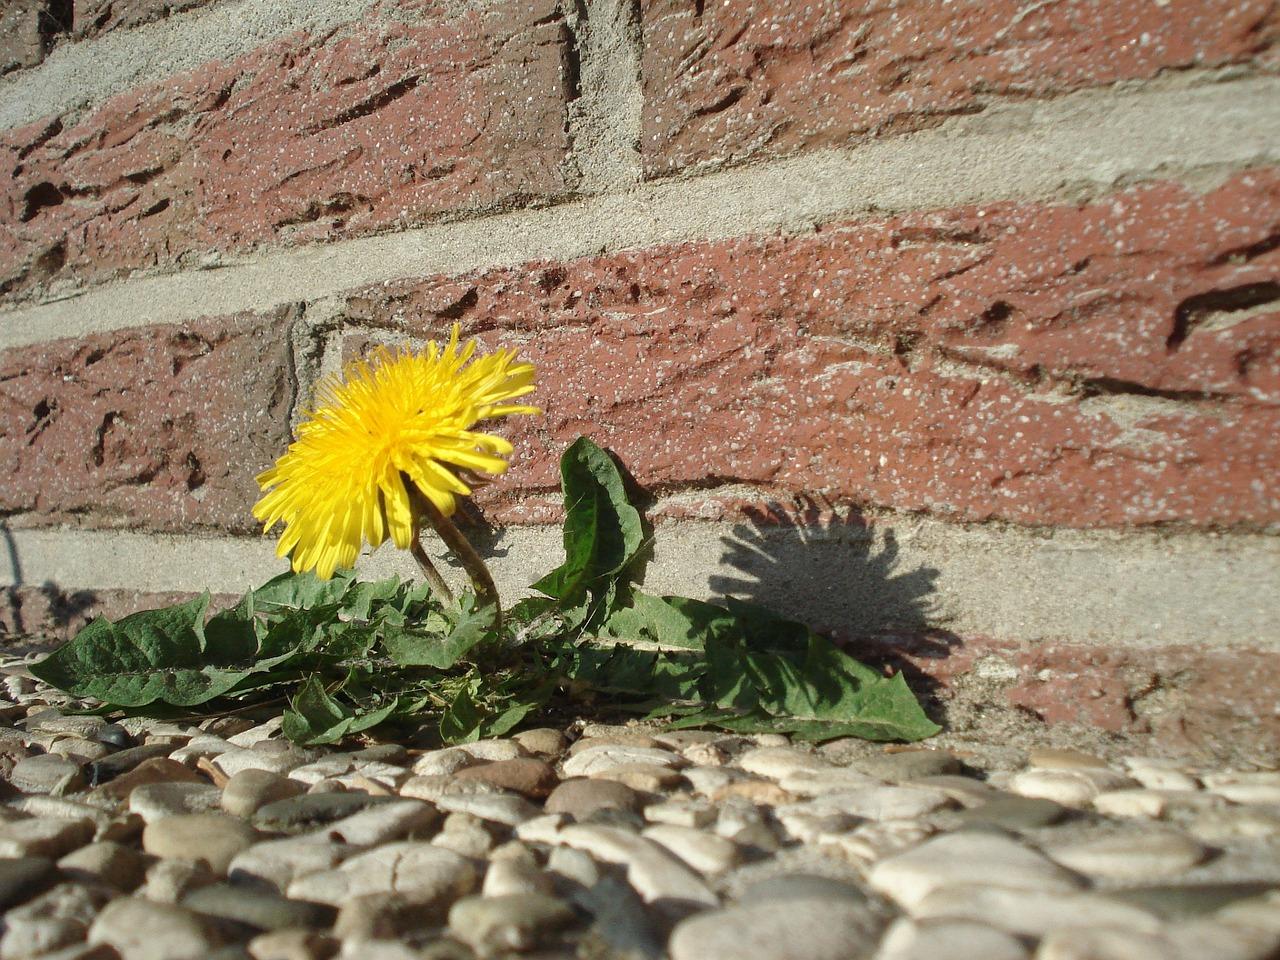 Kako ukloniti maslacke s travnjaka Uredenje travnjaka